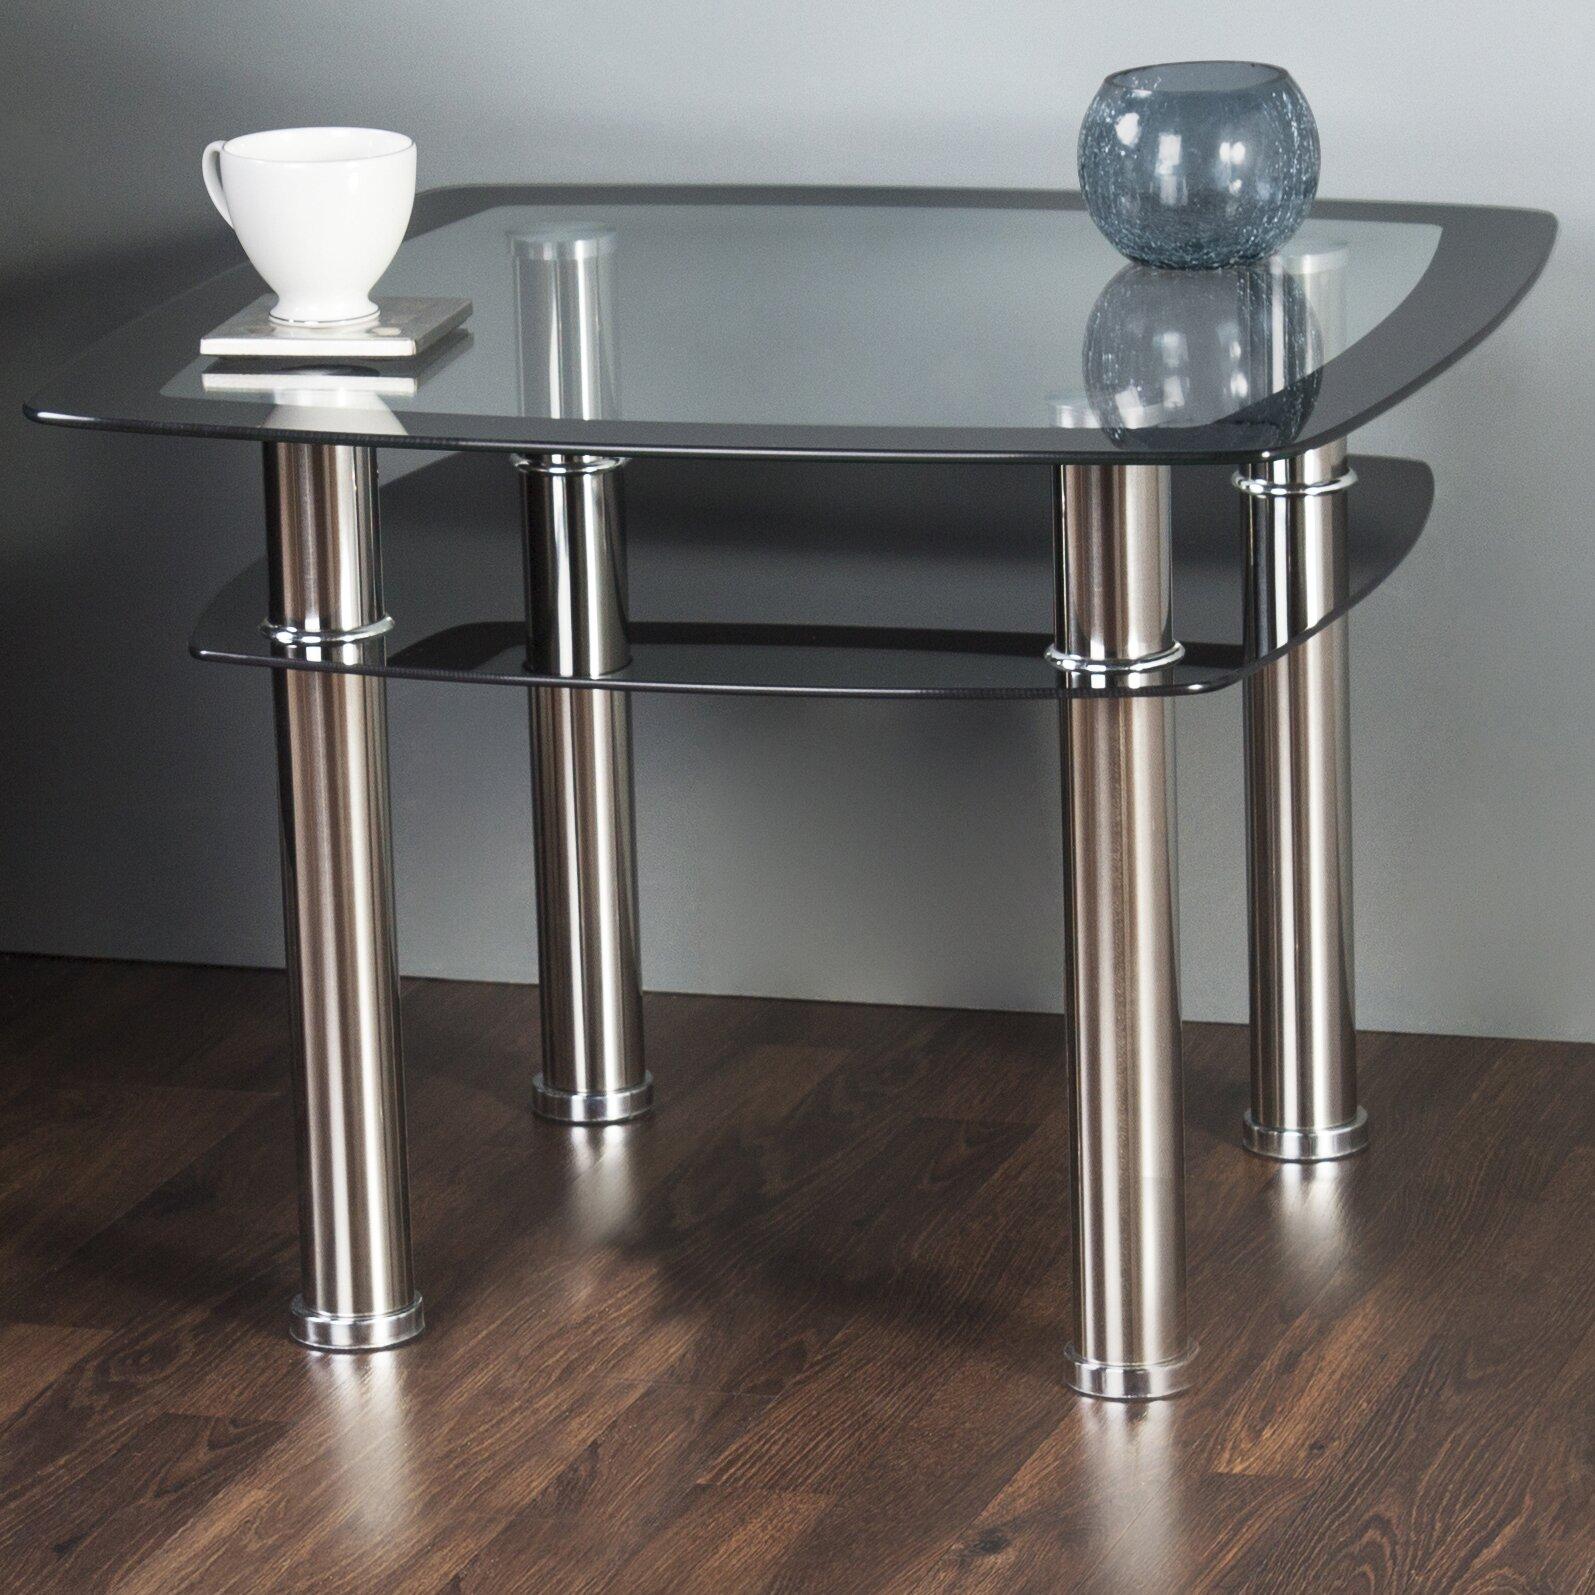 Avf end table reviews for Avf furniture